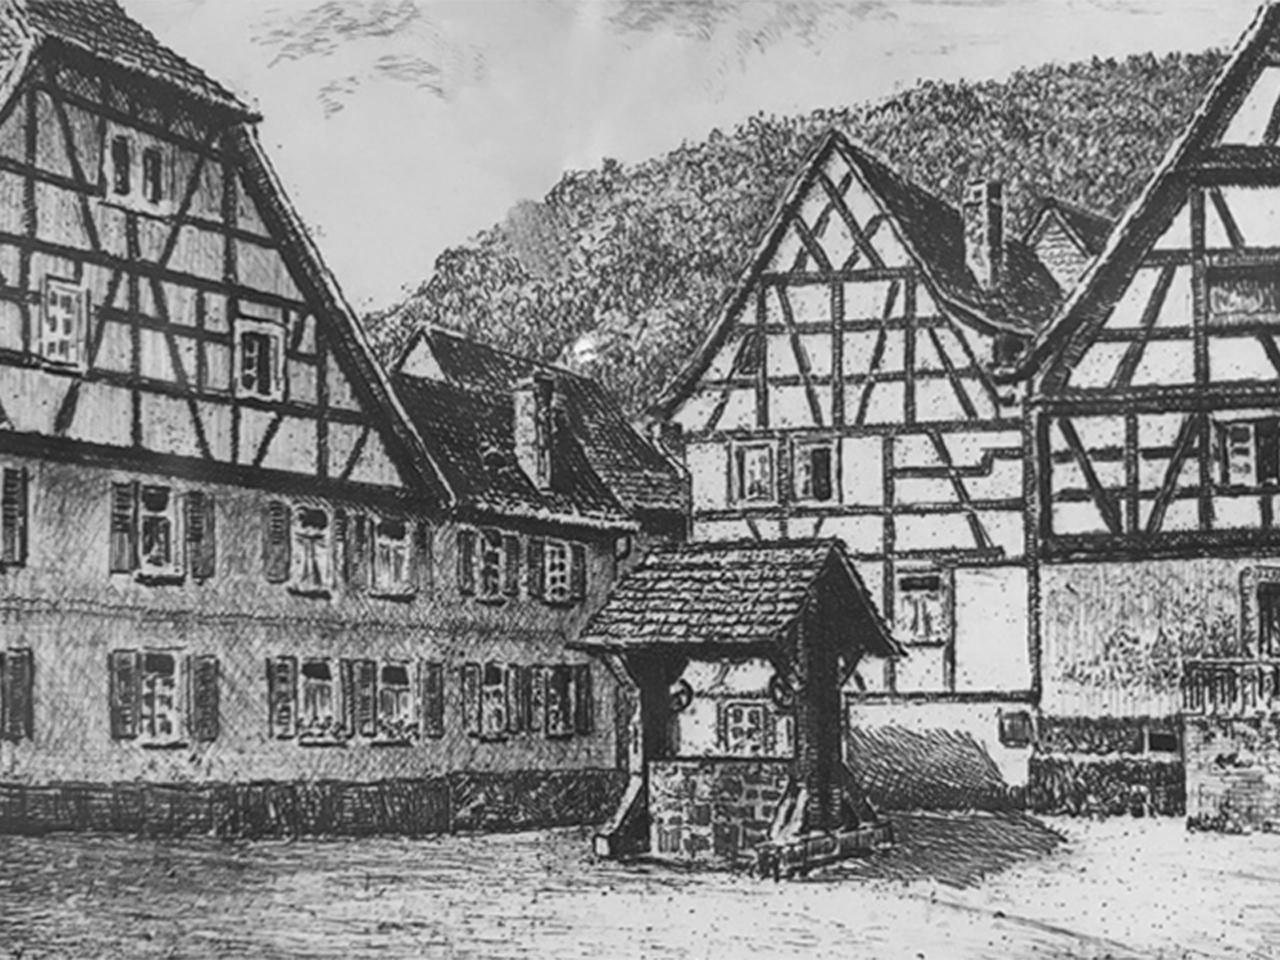 2_Quodgasse_Annweiler_Gasthaus zum Löwen